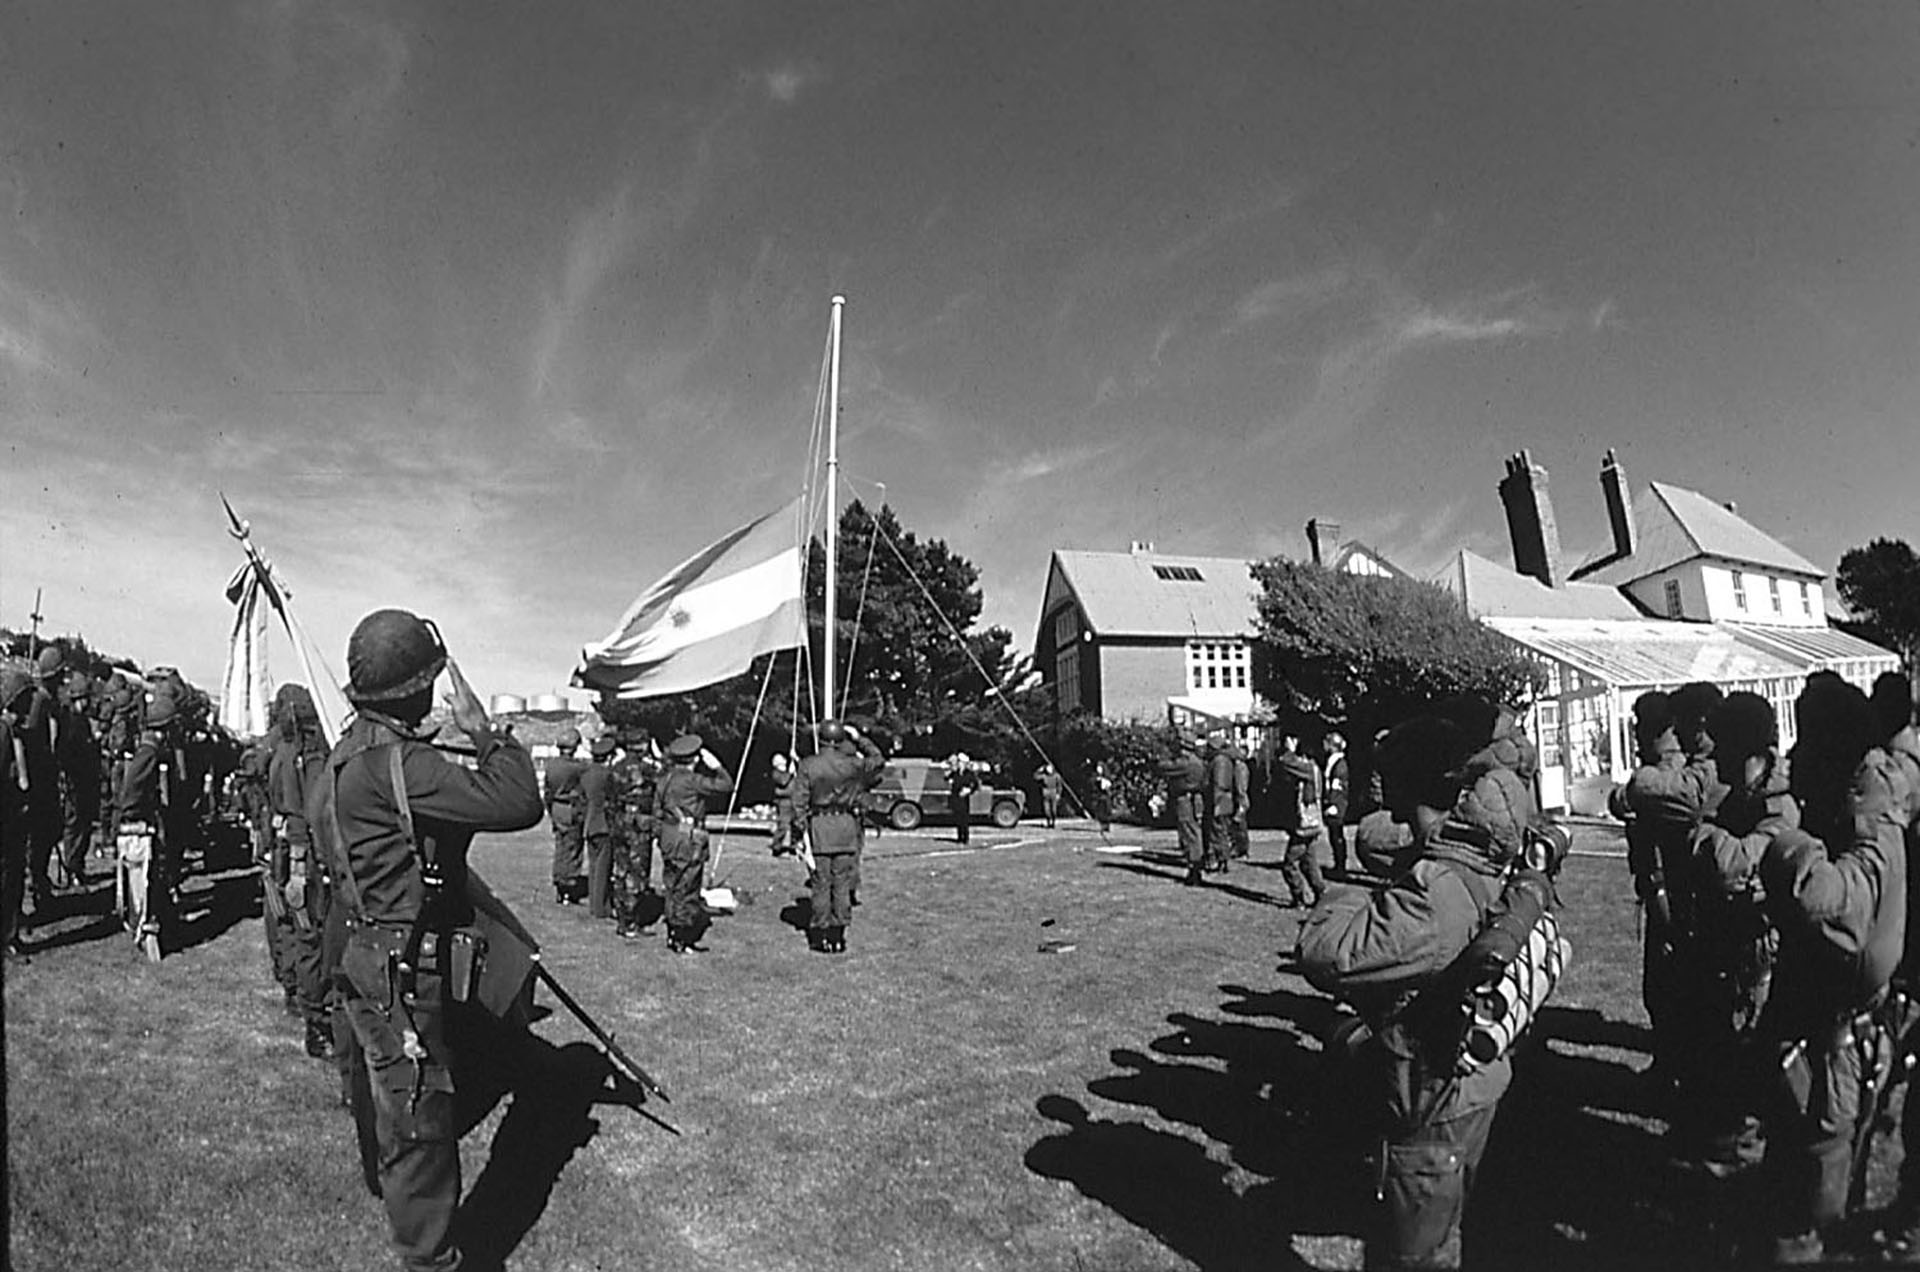 Cerca del mediodía del 2 de abril las tropas argentinas izan por primera vez la bandera argentina. Tres días más tarde la flota británica parte de Portsmouth y Plymouth hacia el Atlántico Sur